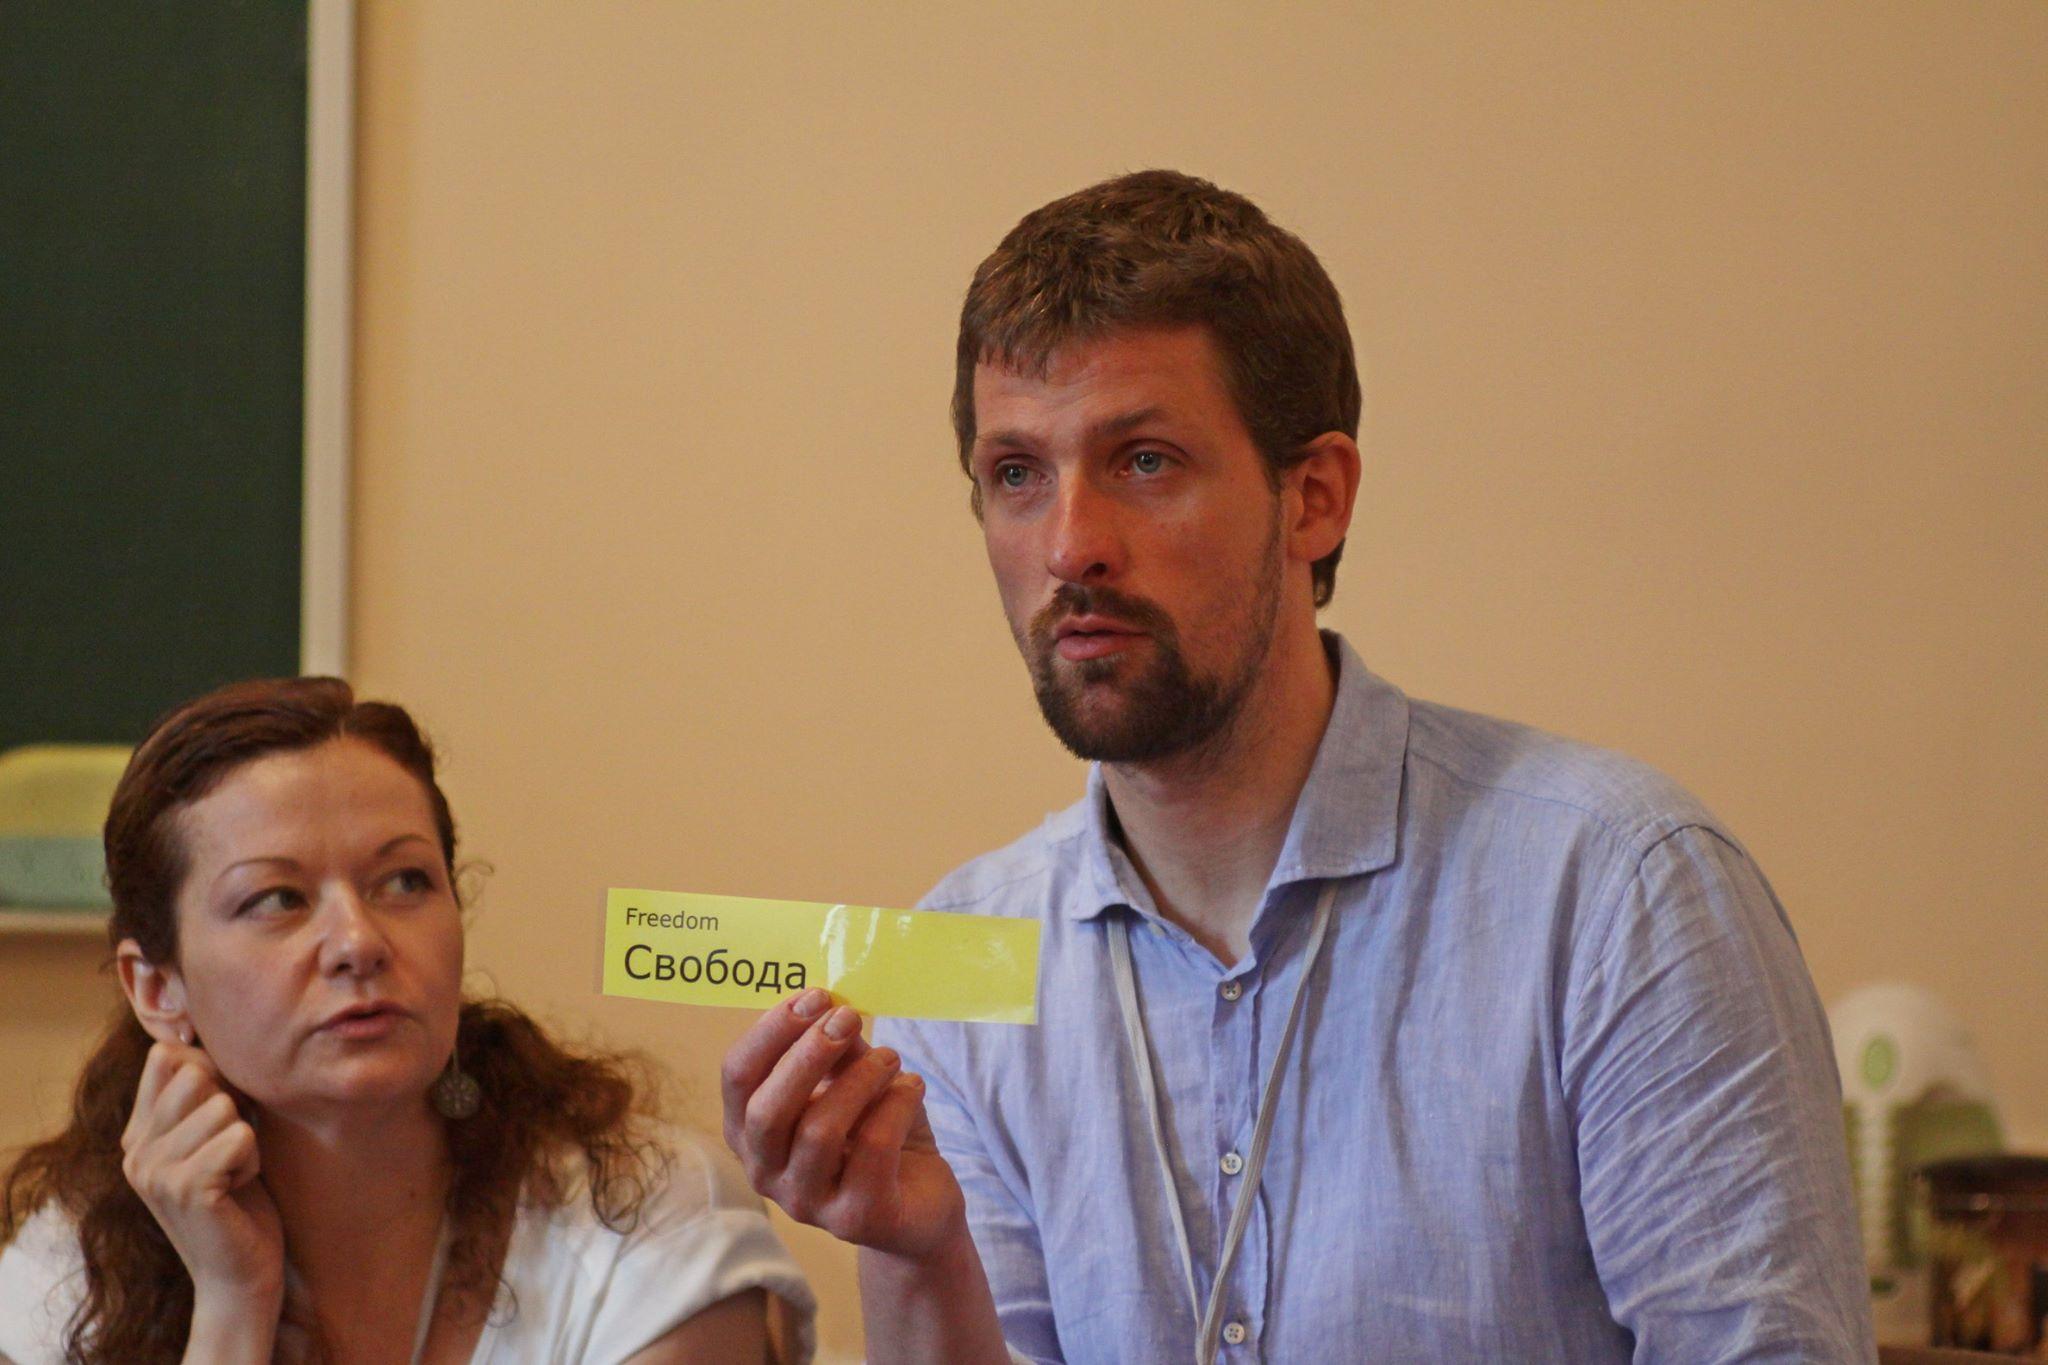 Тренінги по ненасильницькому спілкуванню з датським спеціалістом Карлом Плеснером в Харкові та Києві